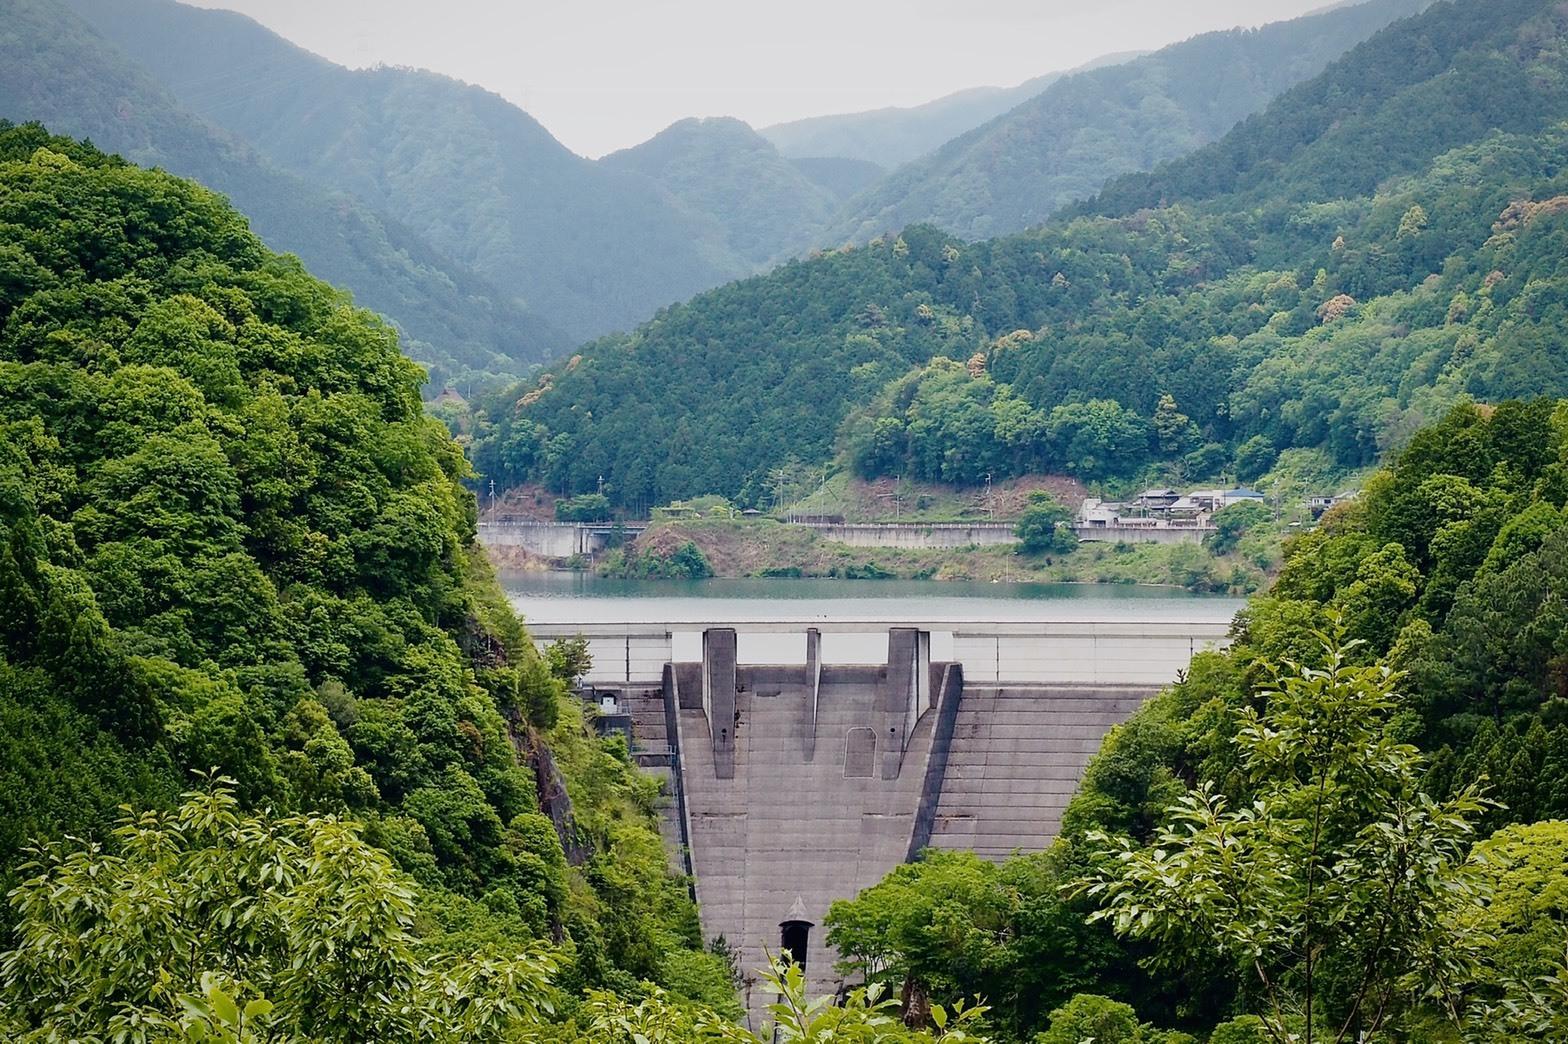 ぴーきち&ダイナ 大阪ツーリング 南河内郡 滝畑ダム 全景